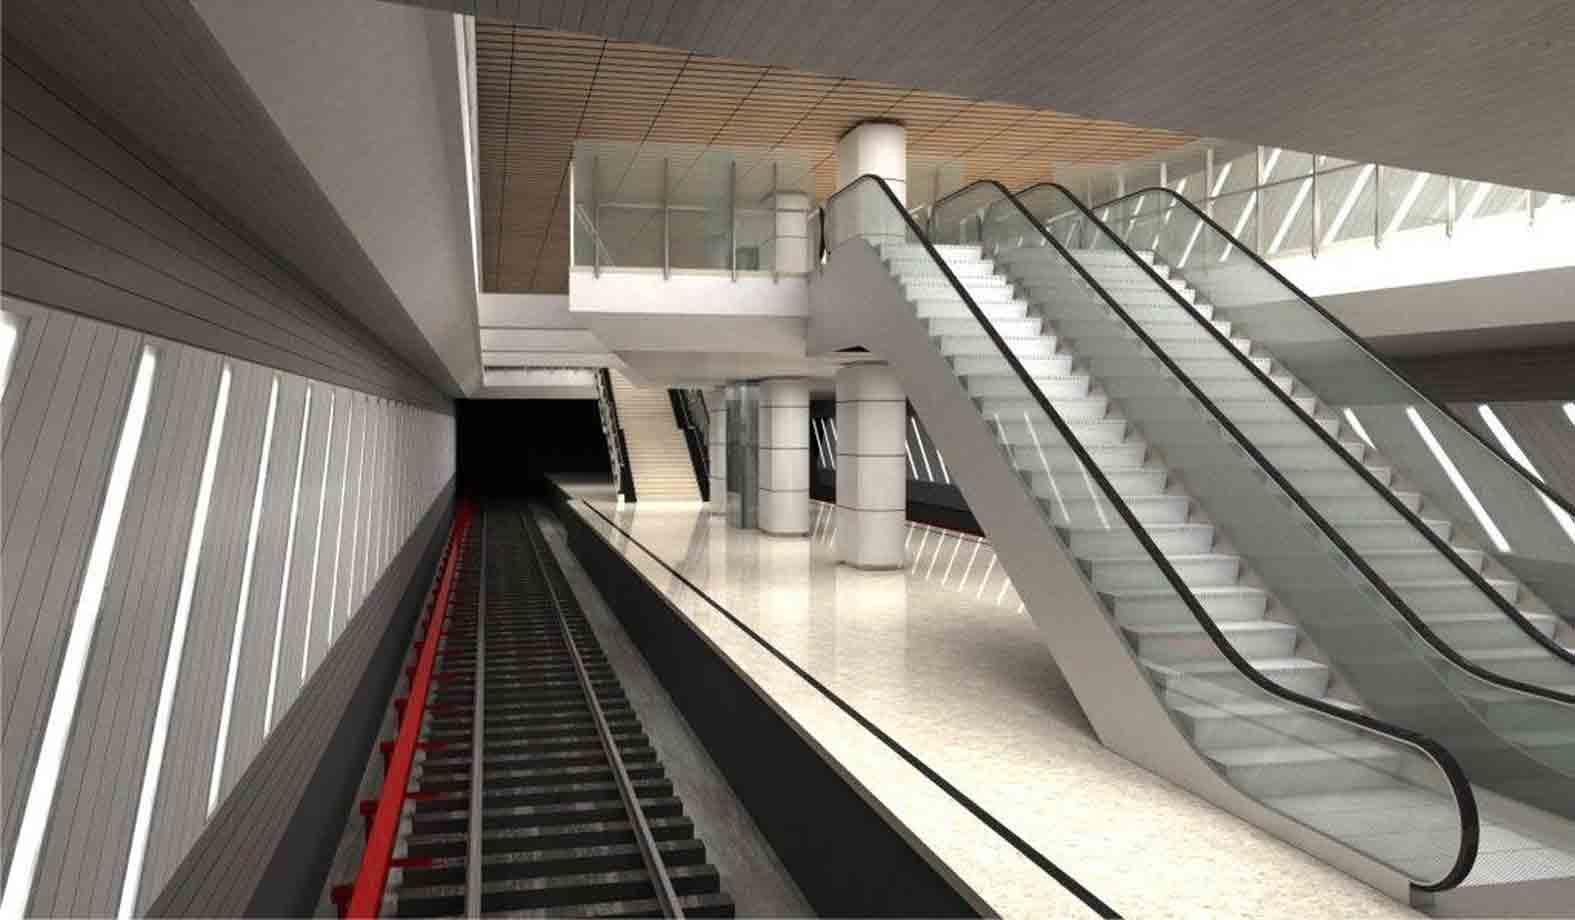 Stația Străulești va fi prima care va face parte dintr-un nod intermodal pentru metropola București